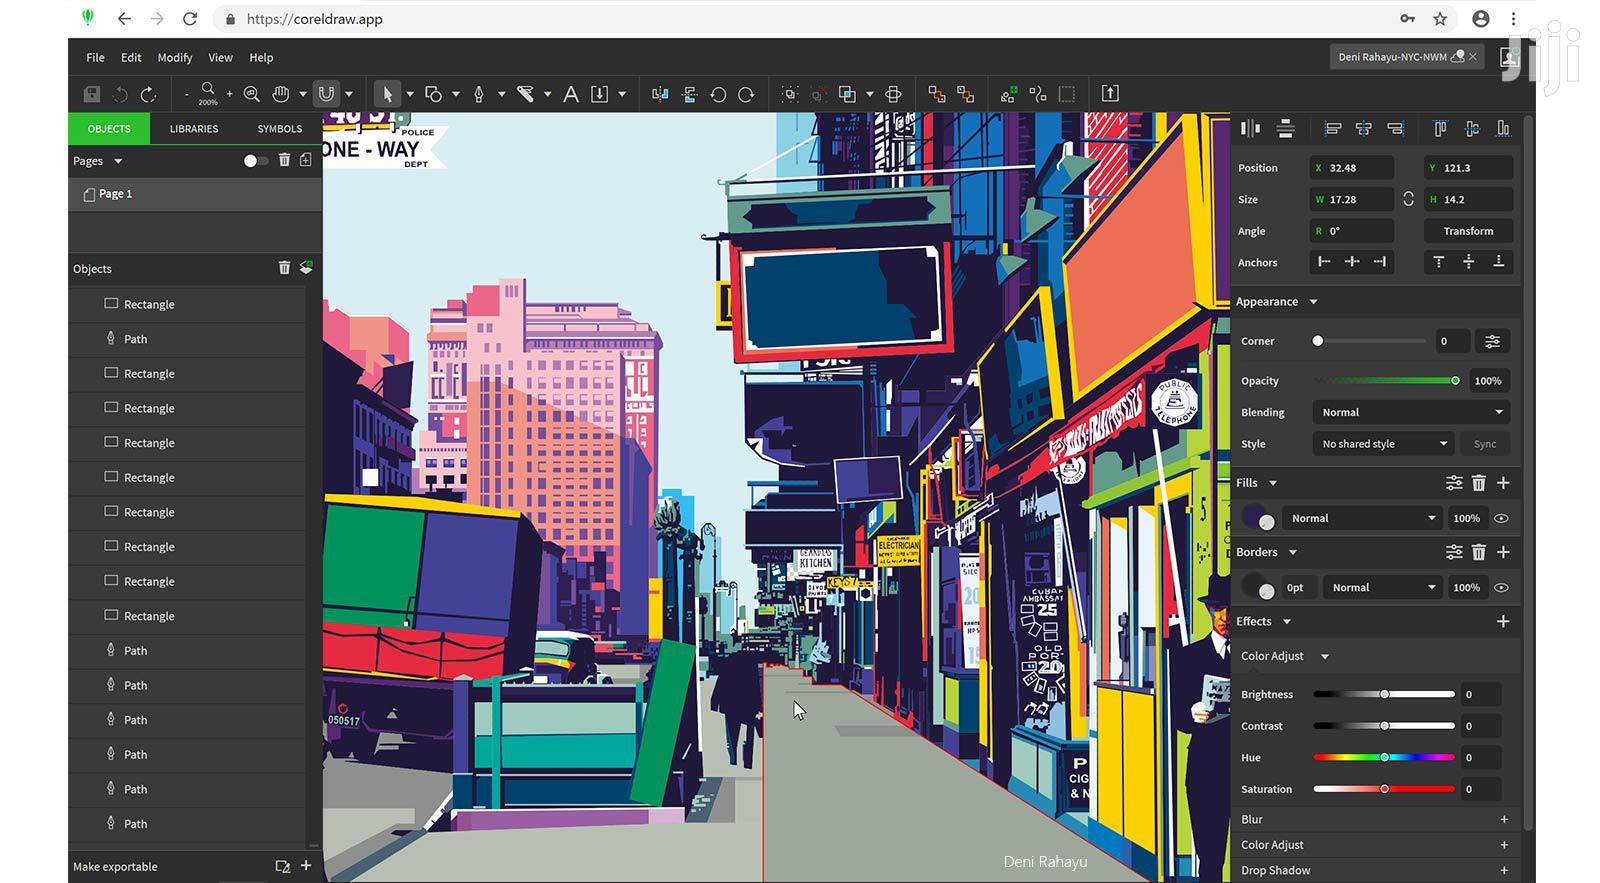 Coreldraw Graphics Suite 2019 For Win/Mac | Software for sale in Kumasi Metropolitan, Ashanti, Ghana